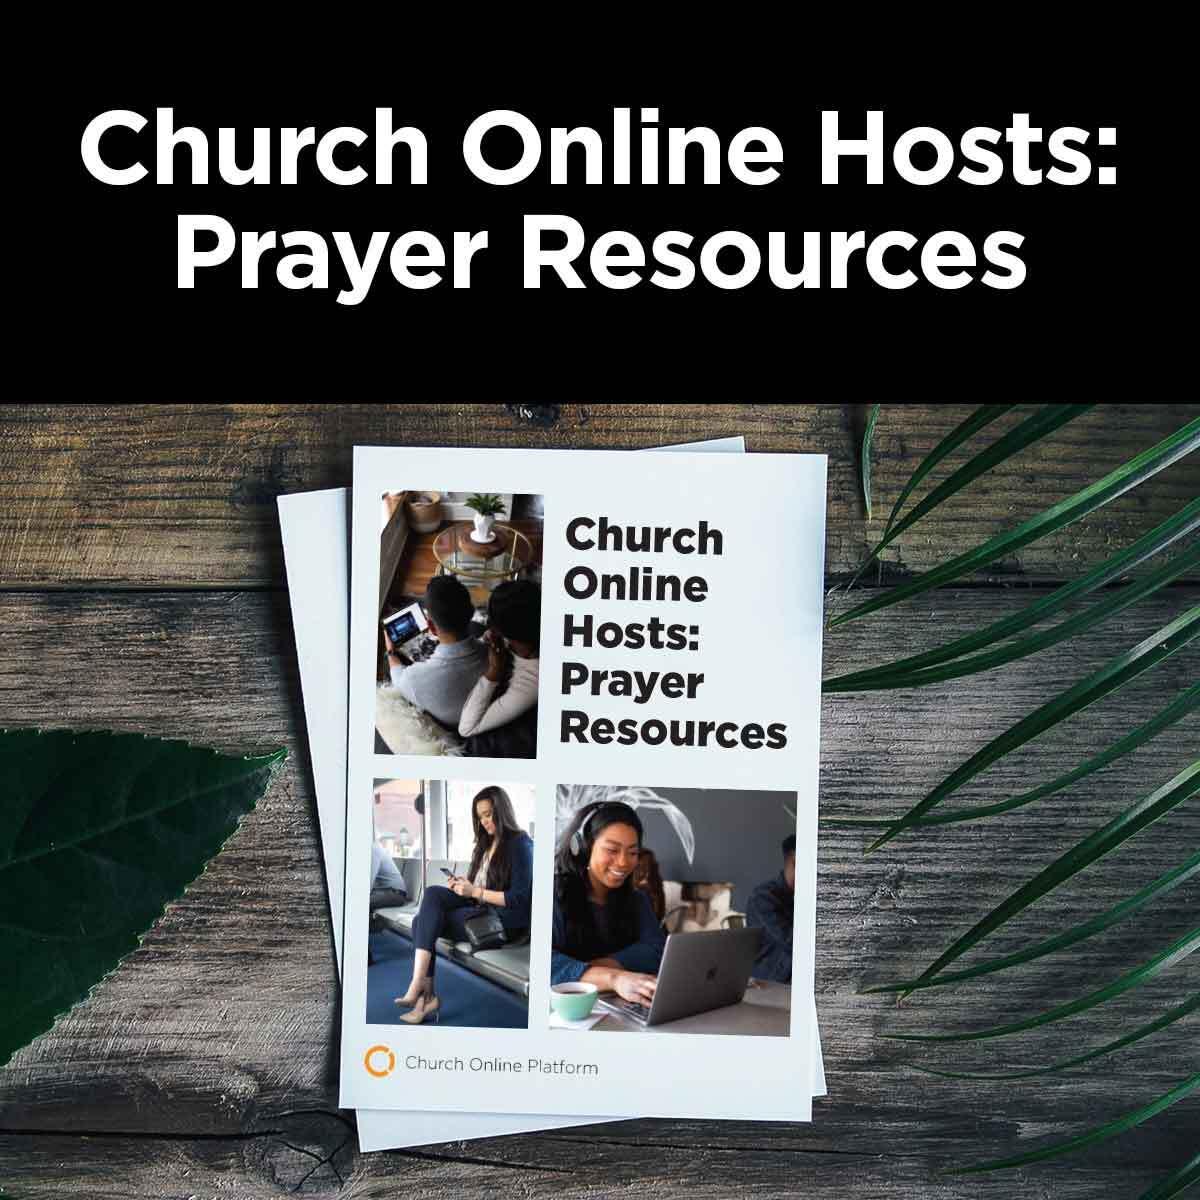 Church Online Hosts: Prayer Resources